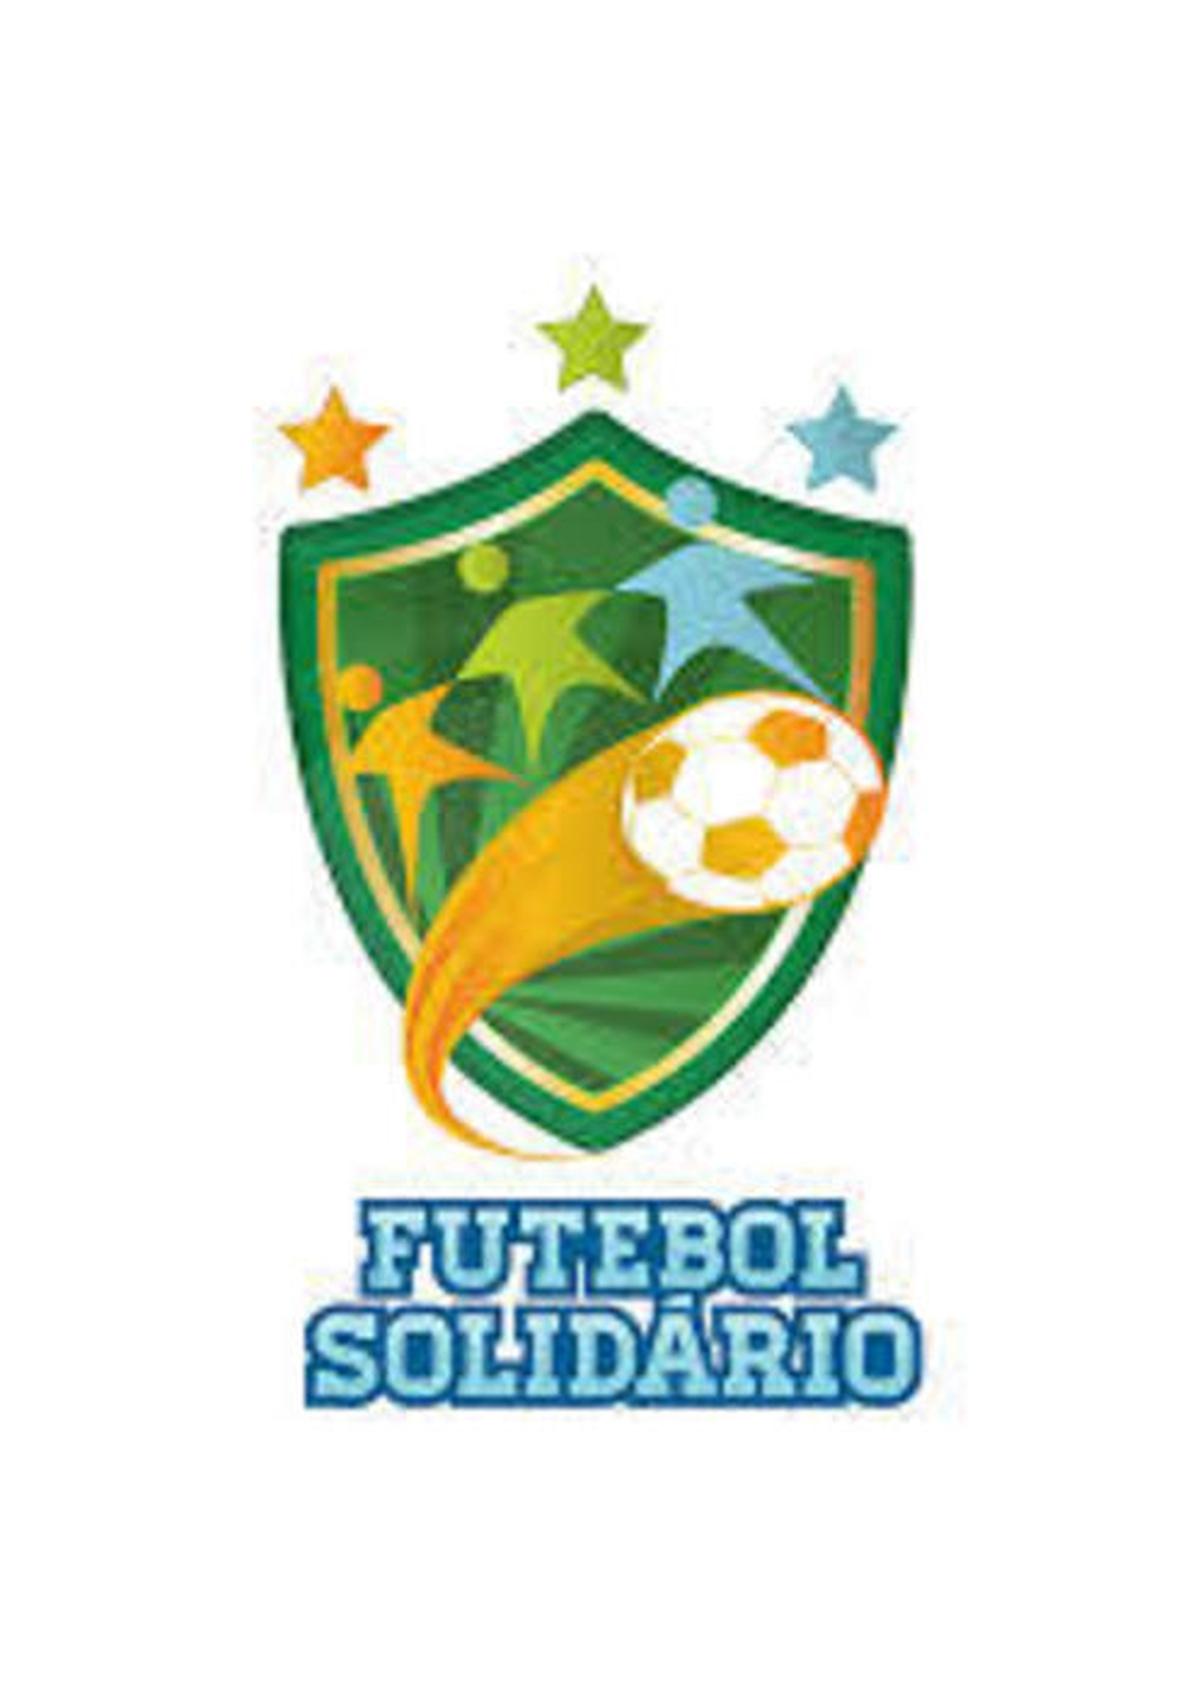 Futebol Solidário!